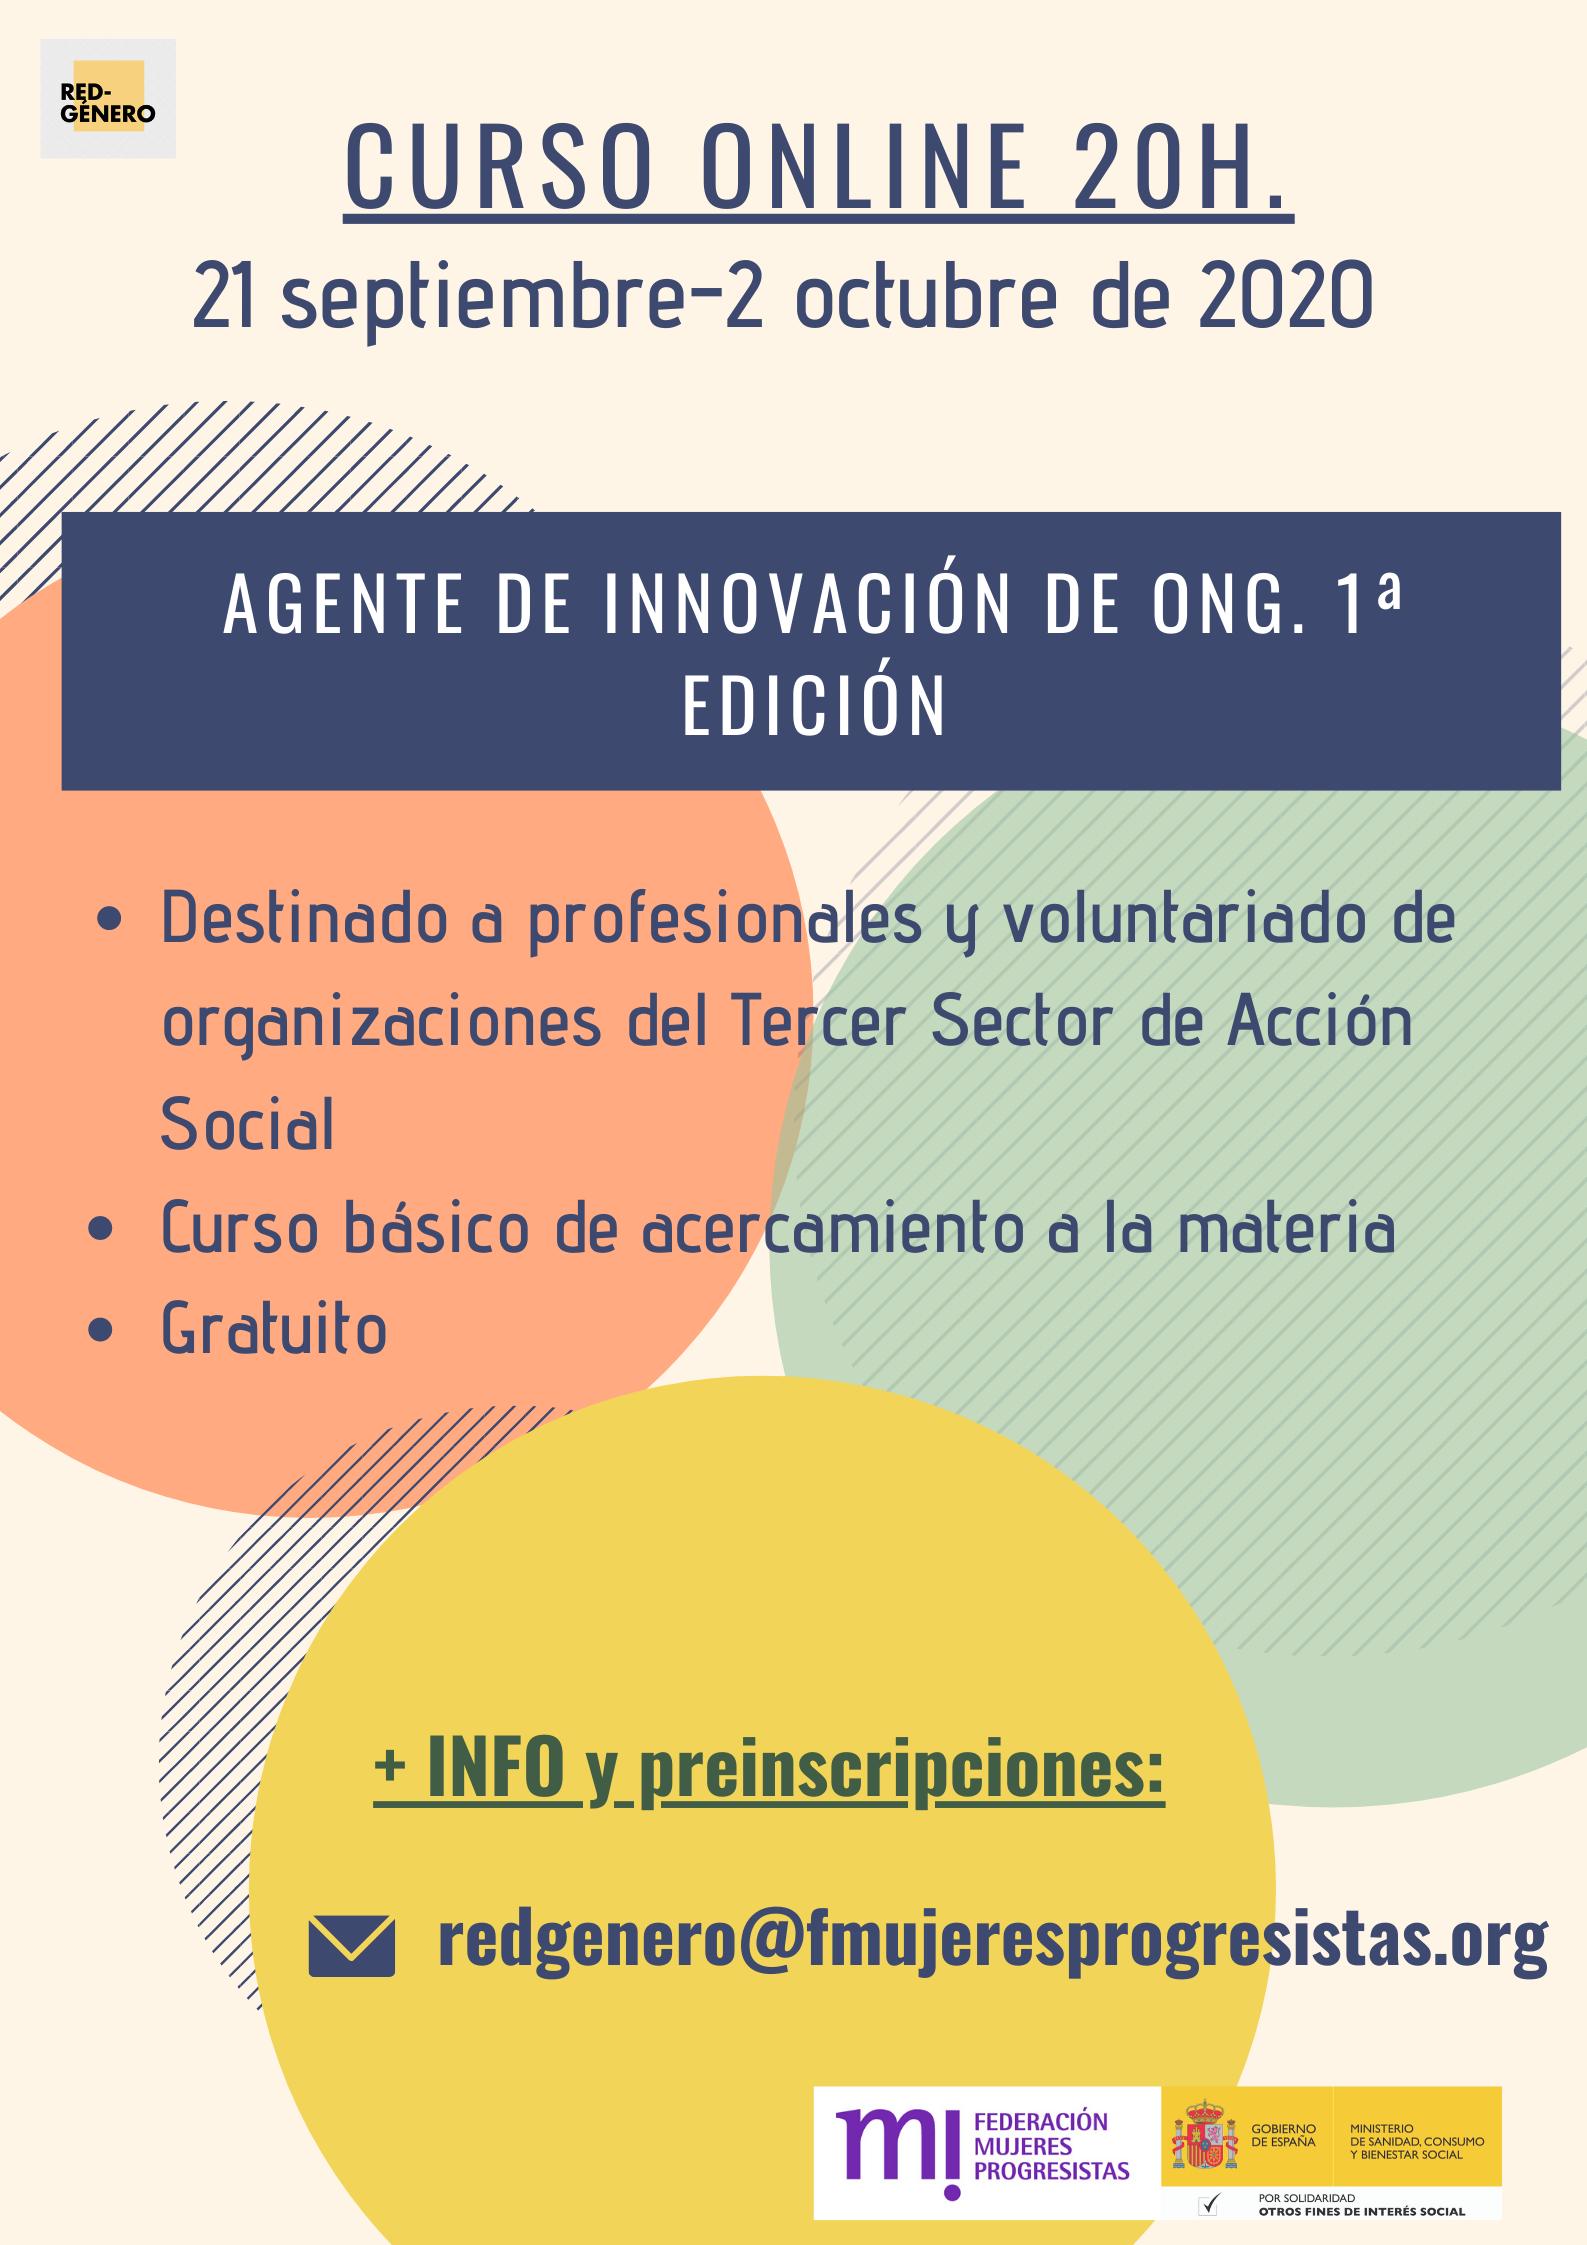 Course Image 1ª Edición. Agente de Innovación de ONG